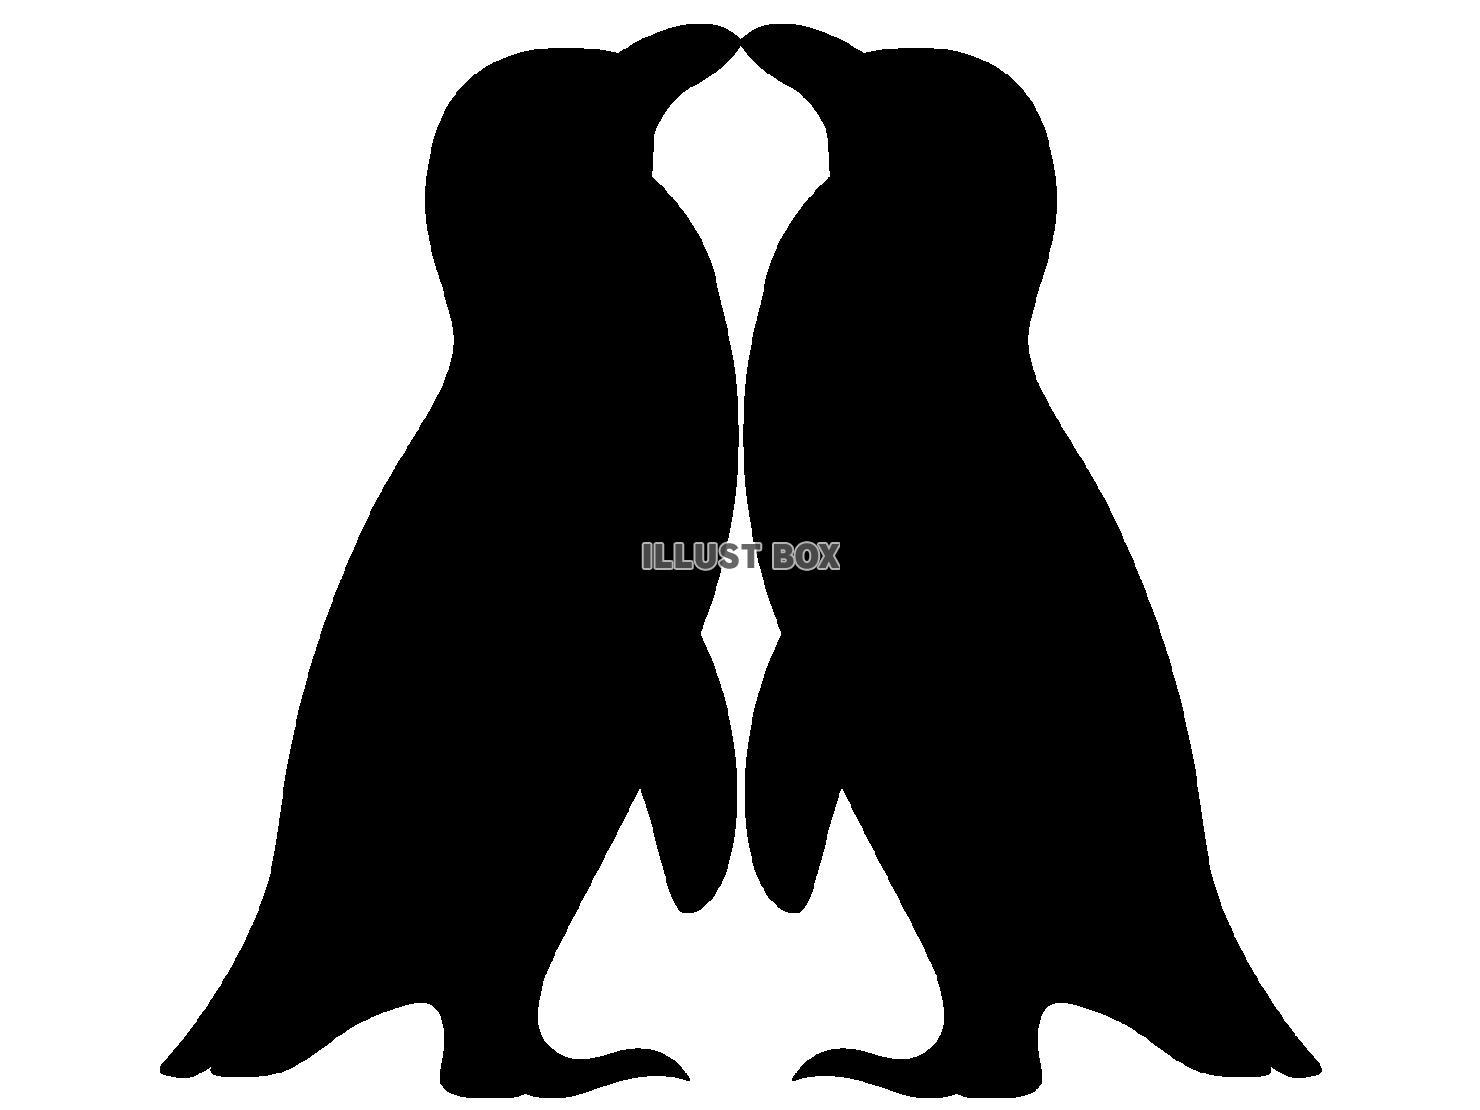 無料イラスト ペンギンシルエット(png・cseps)